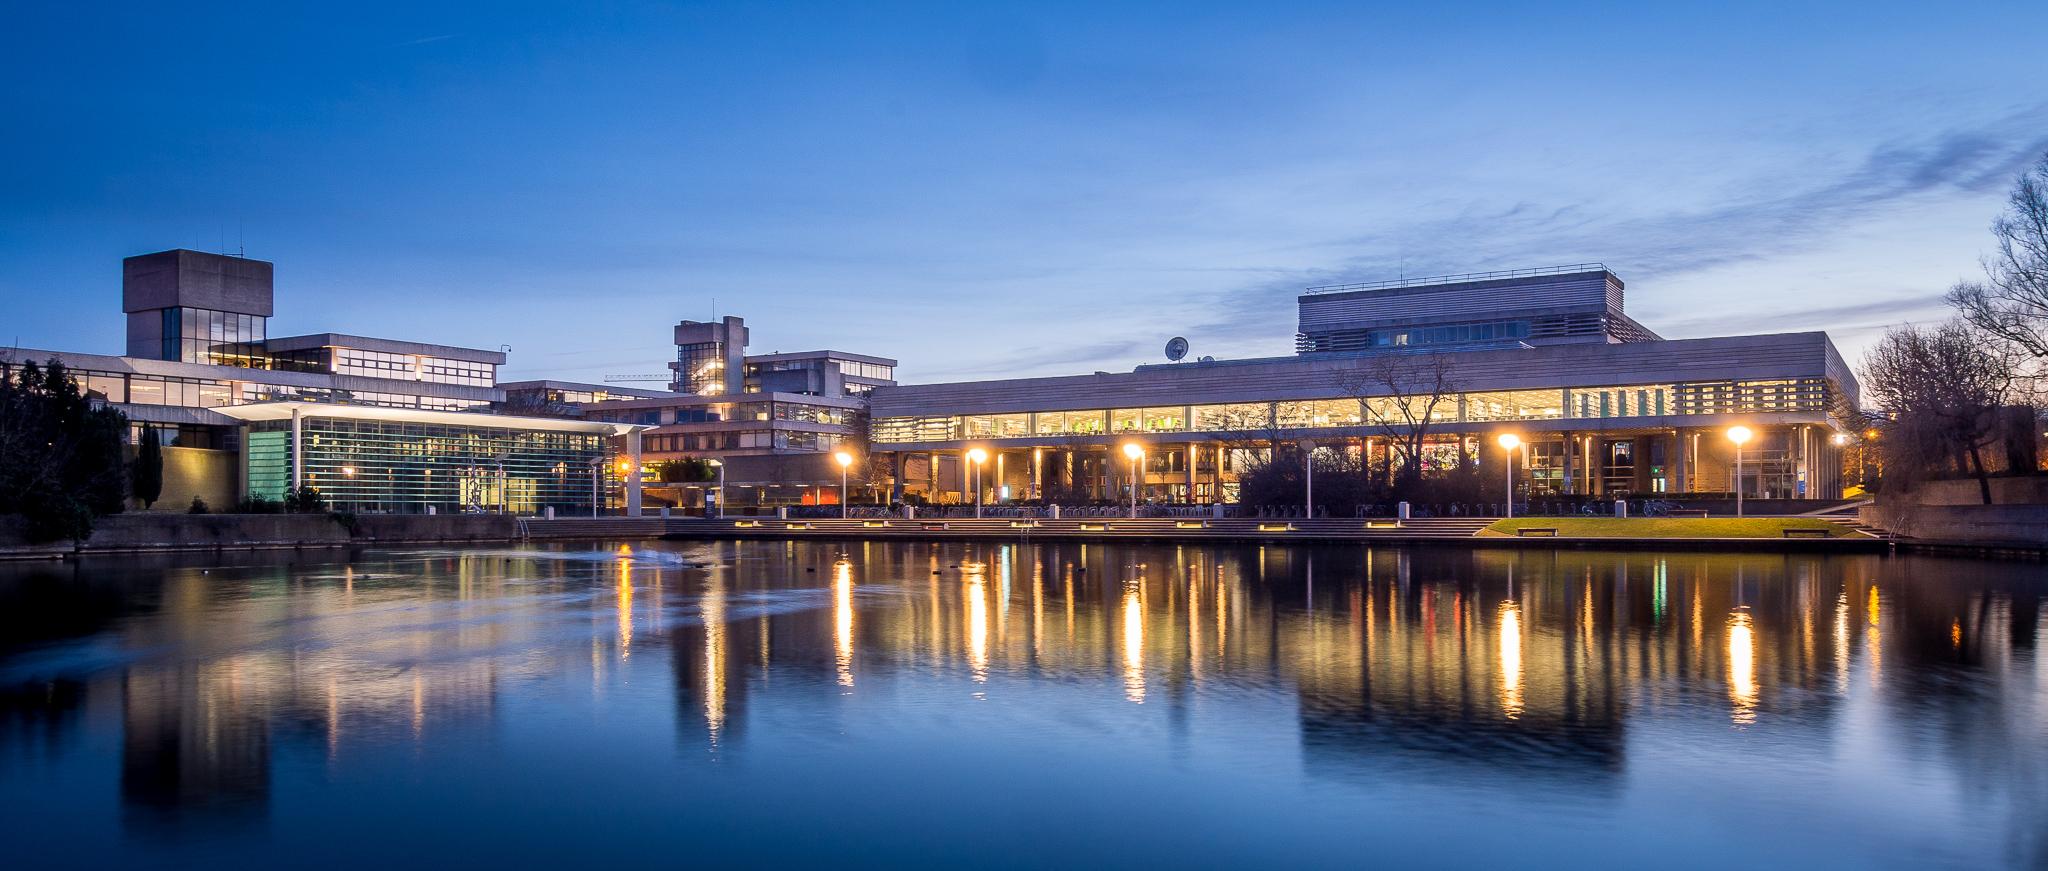 Melhores universidades da Irlanda: top 4 1